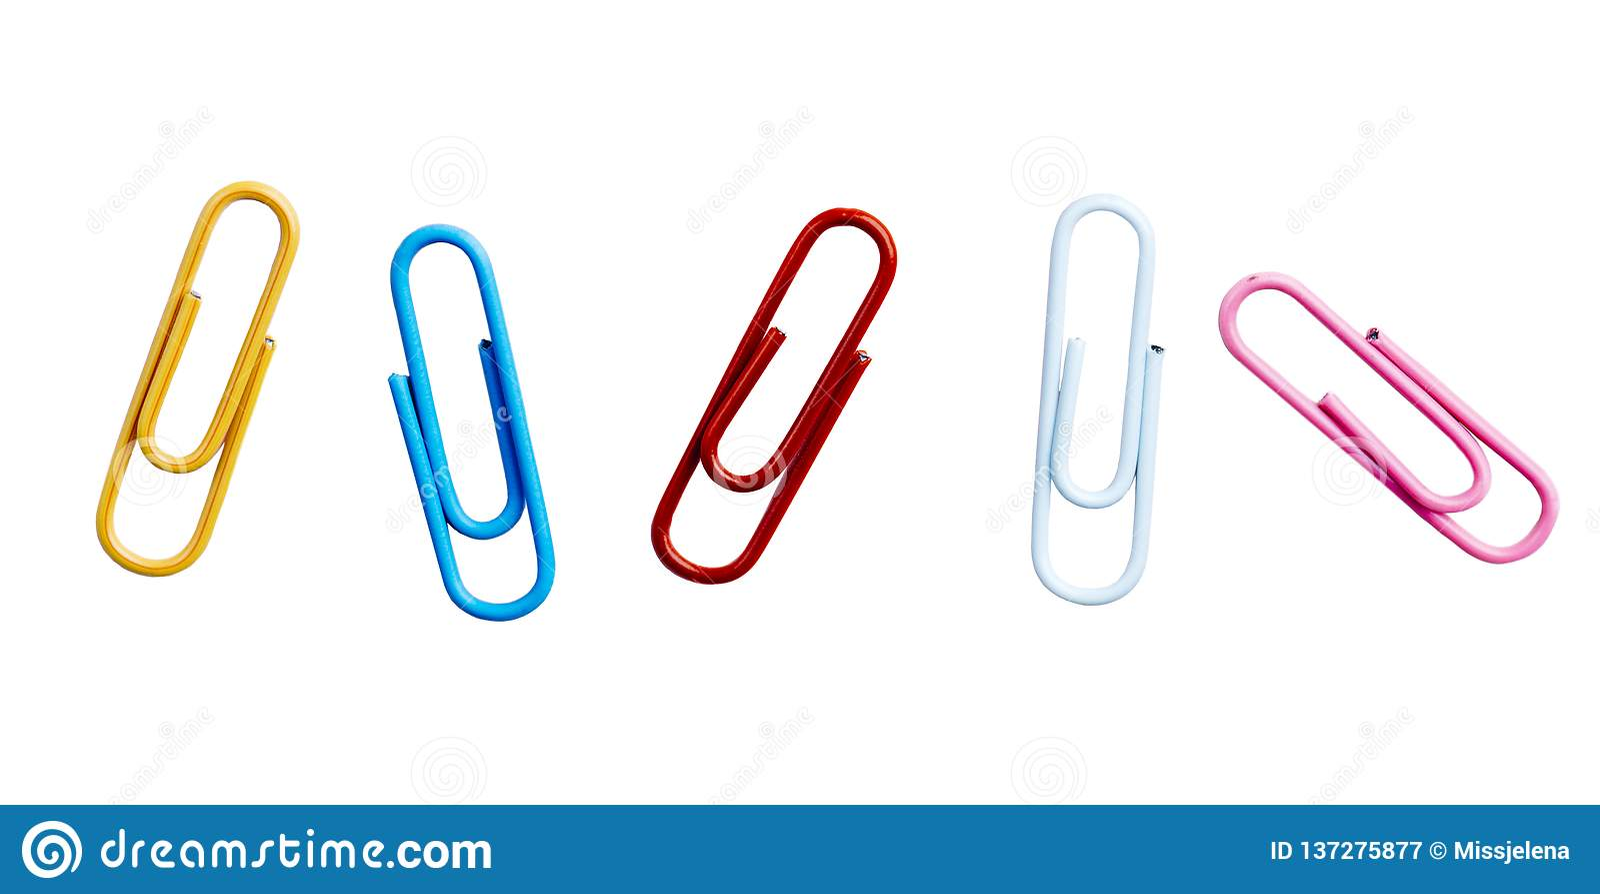 Clipes de papel coloridos isolados sobre o fundo branco